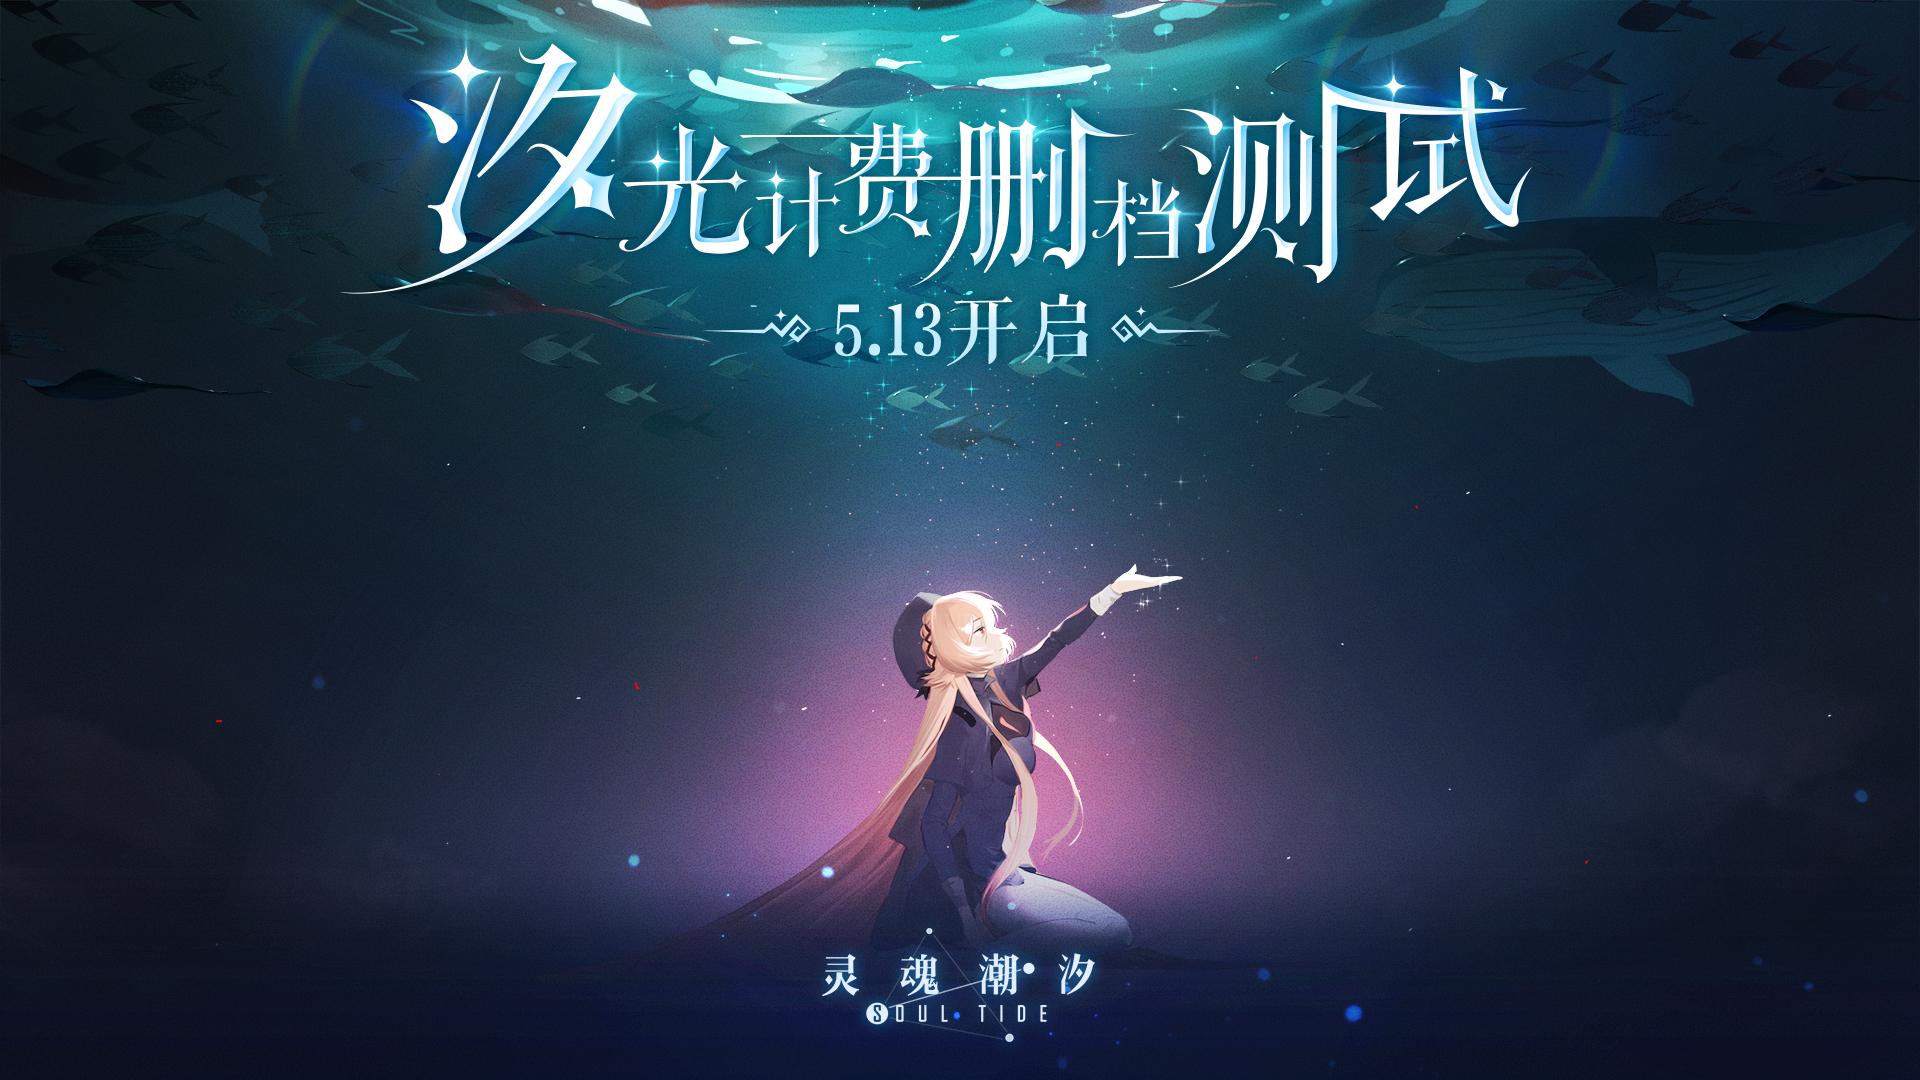 《灵魂潮汐》汐光测试将于5月13日正式开启!